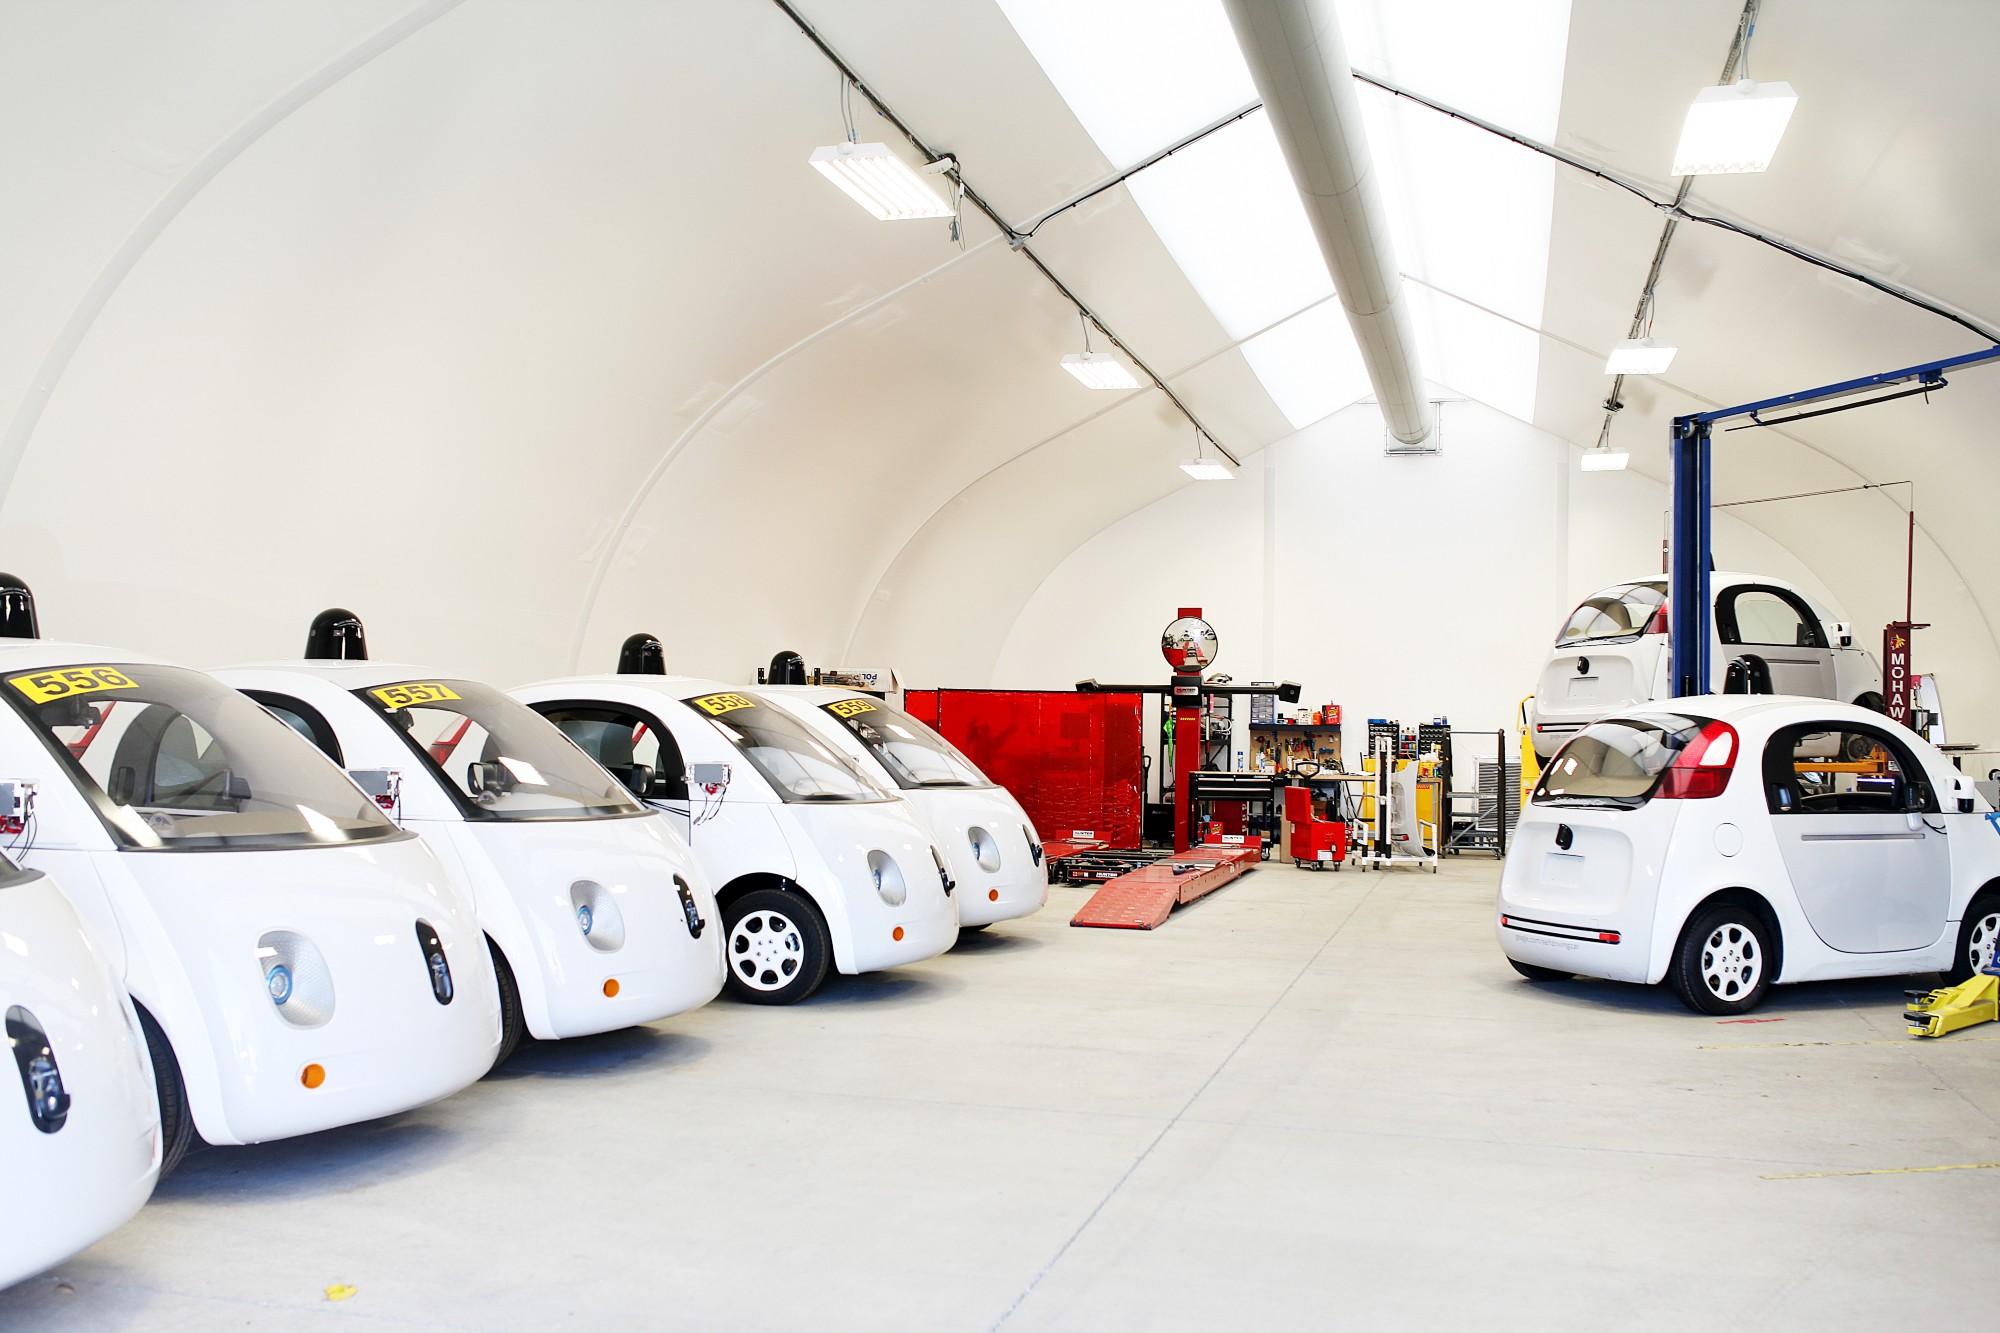 selfdrivingcar garage